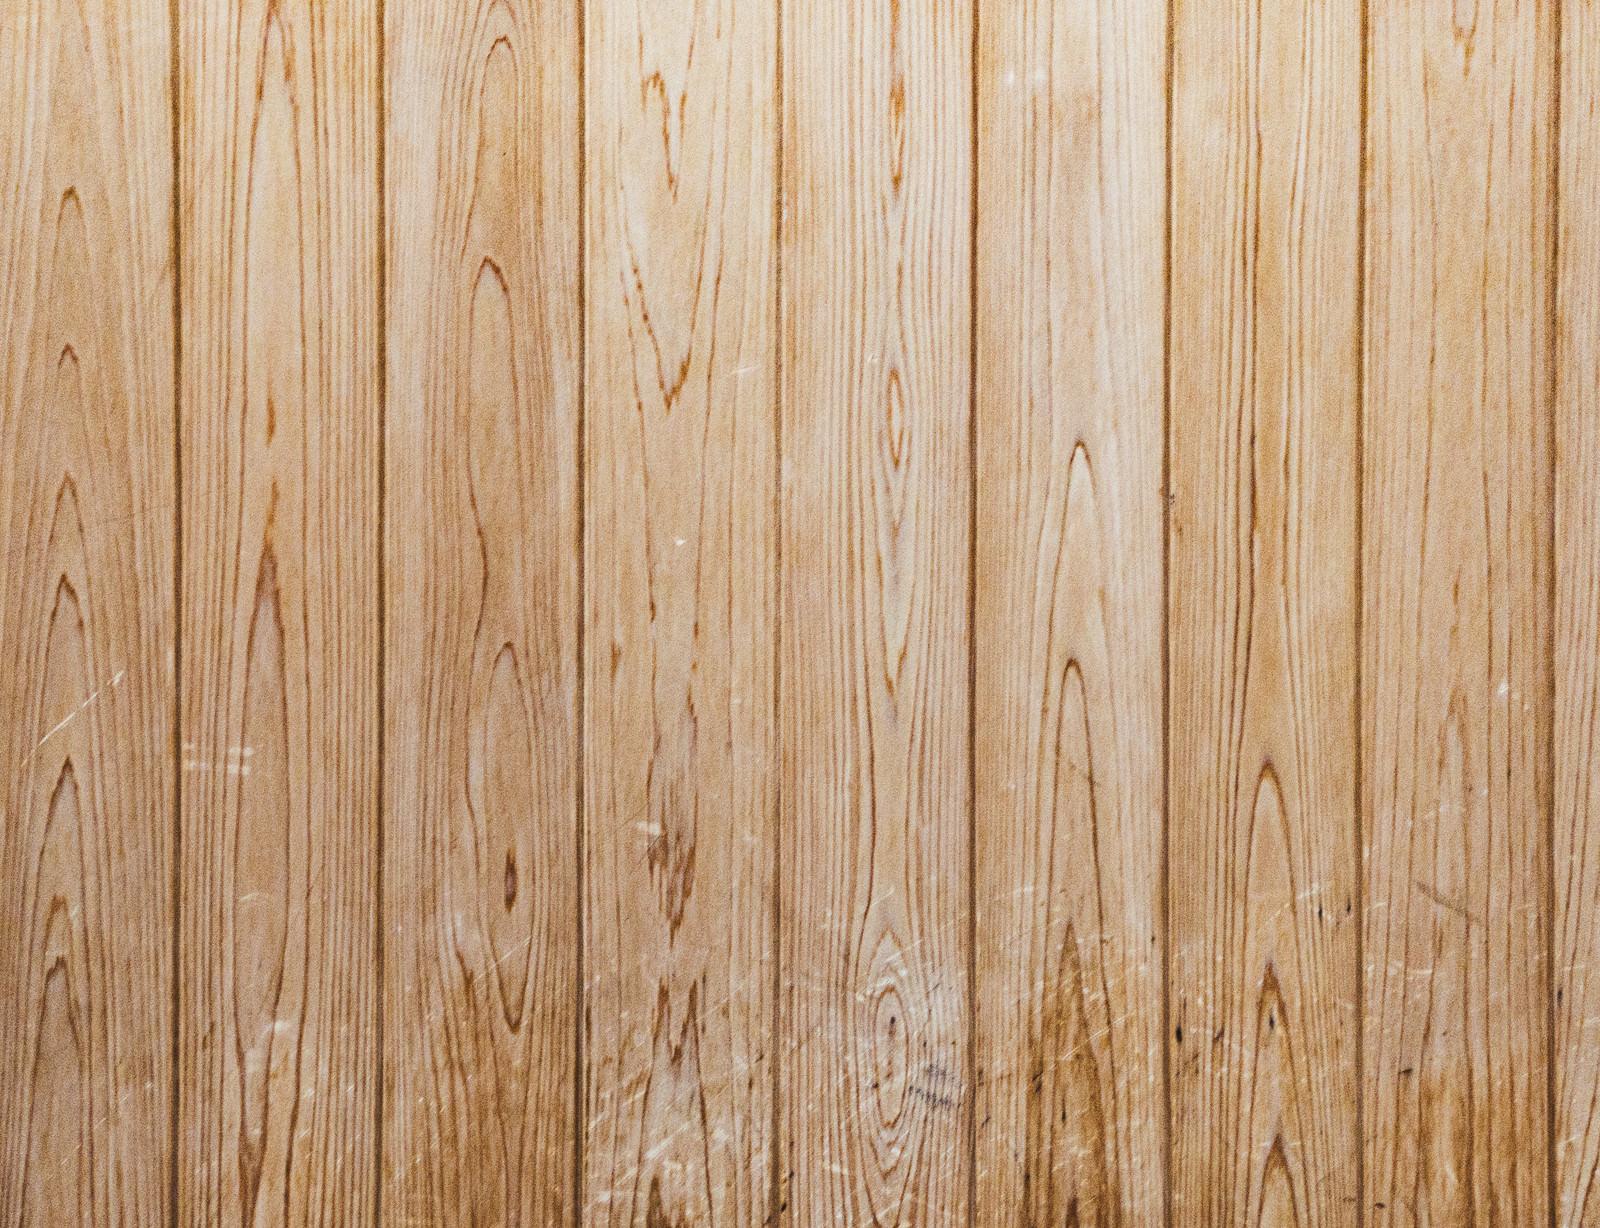 「傷の残る木目調の壁(テクスチャ)」の写真